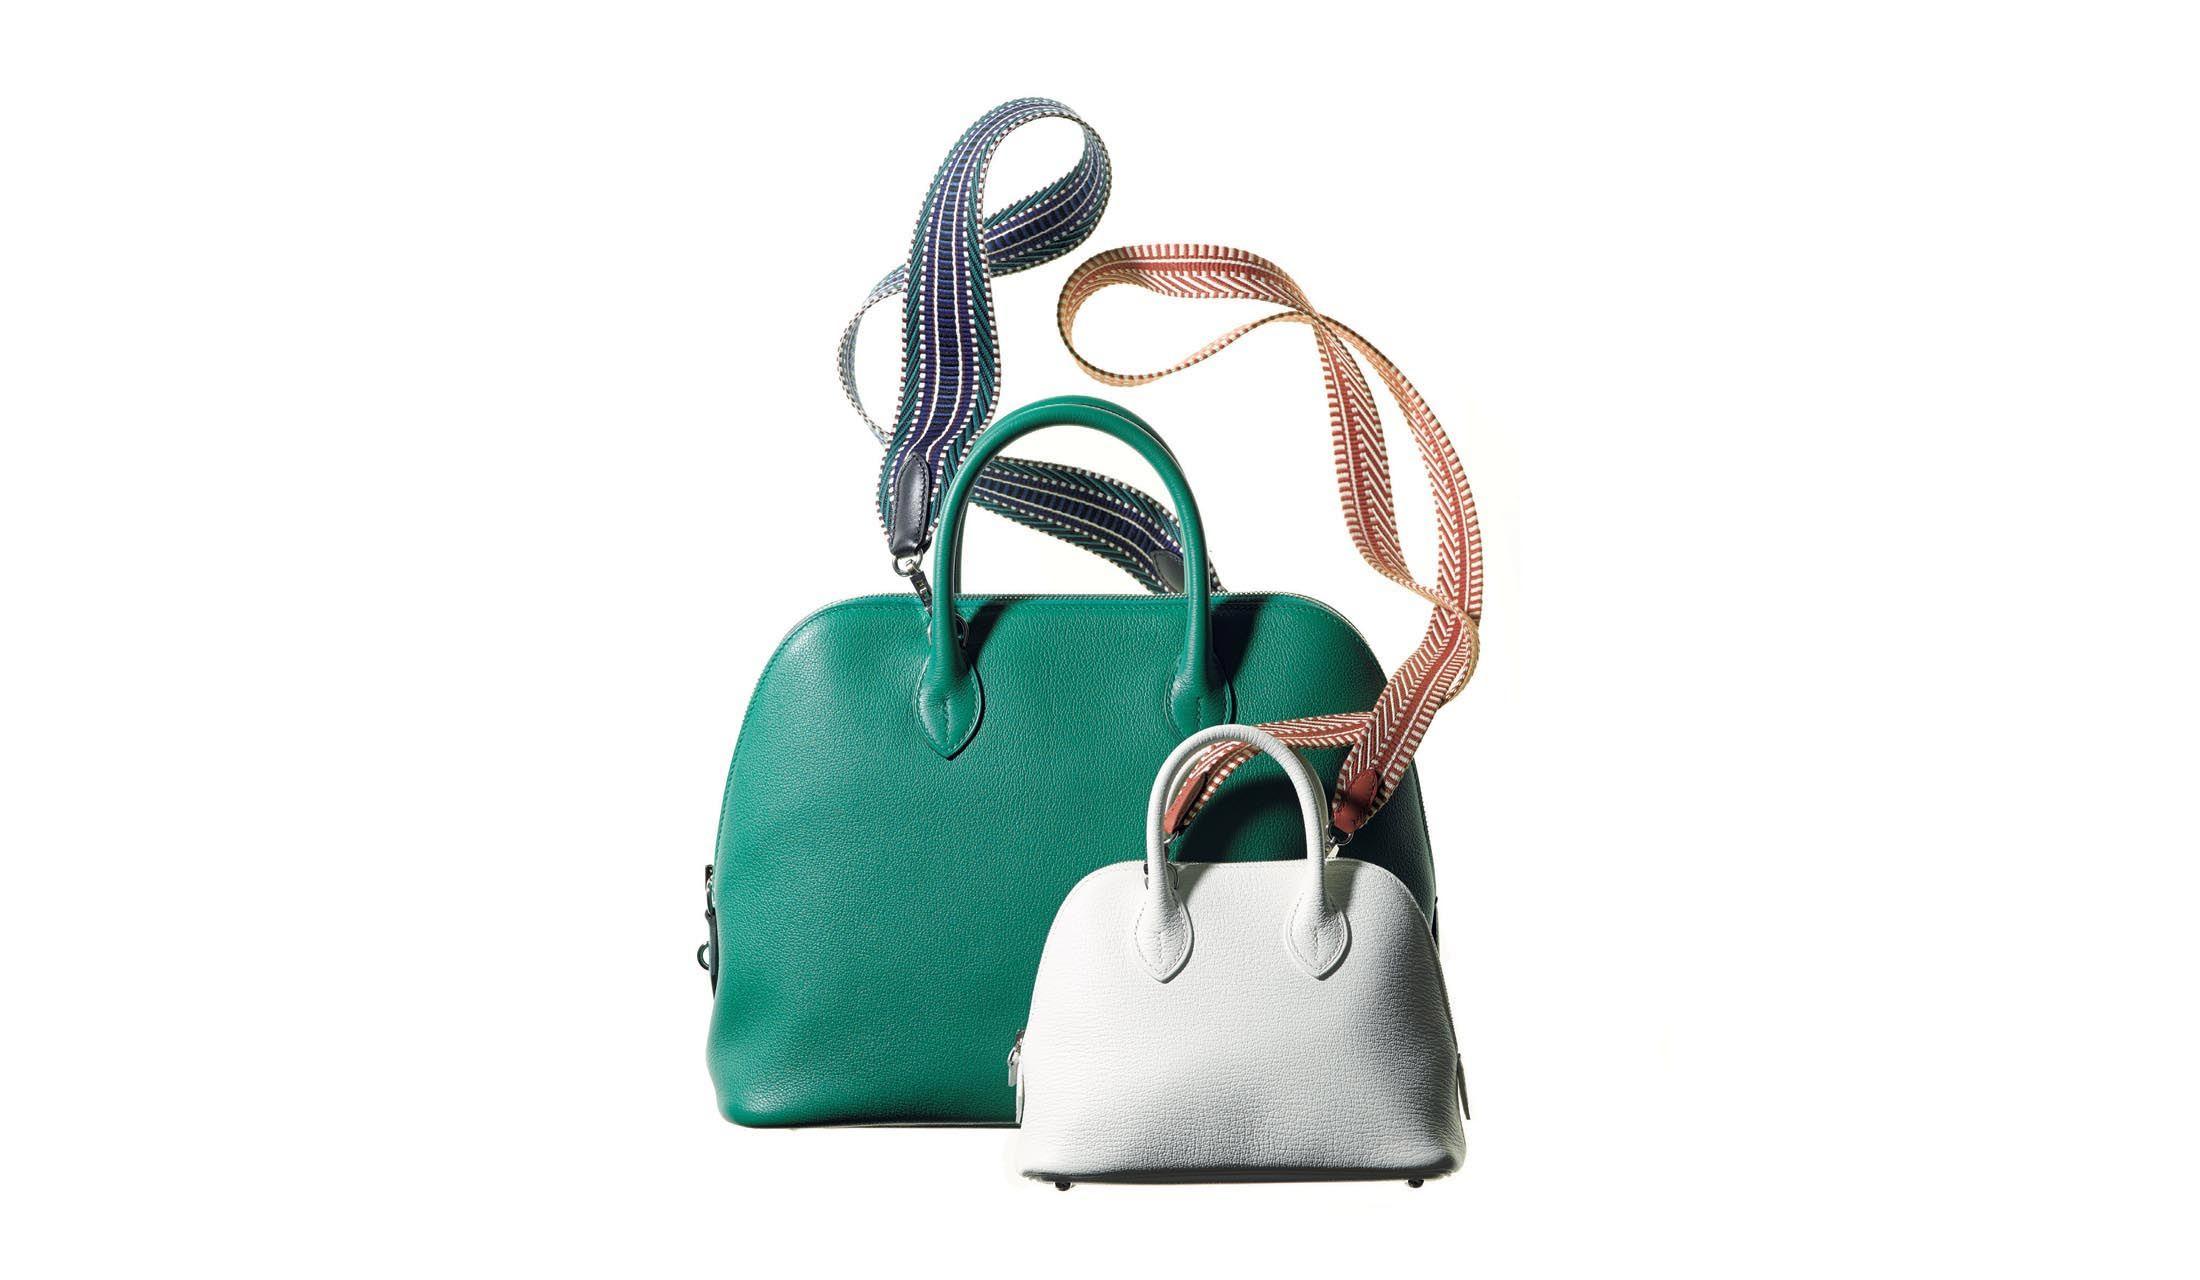 エルメスのハンドバッグ「ボリード」に付けるエルメスのストラップ「パンドリエール」